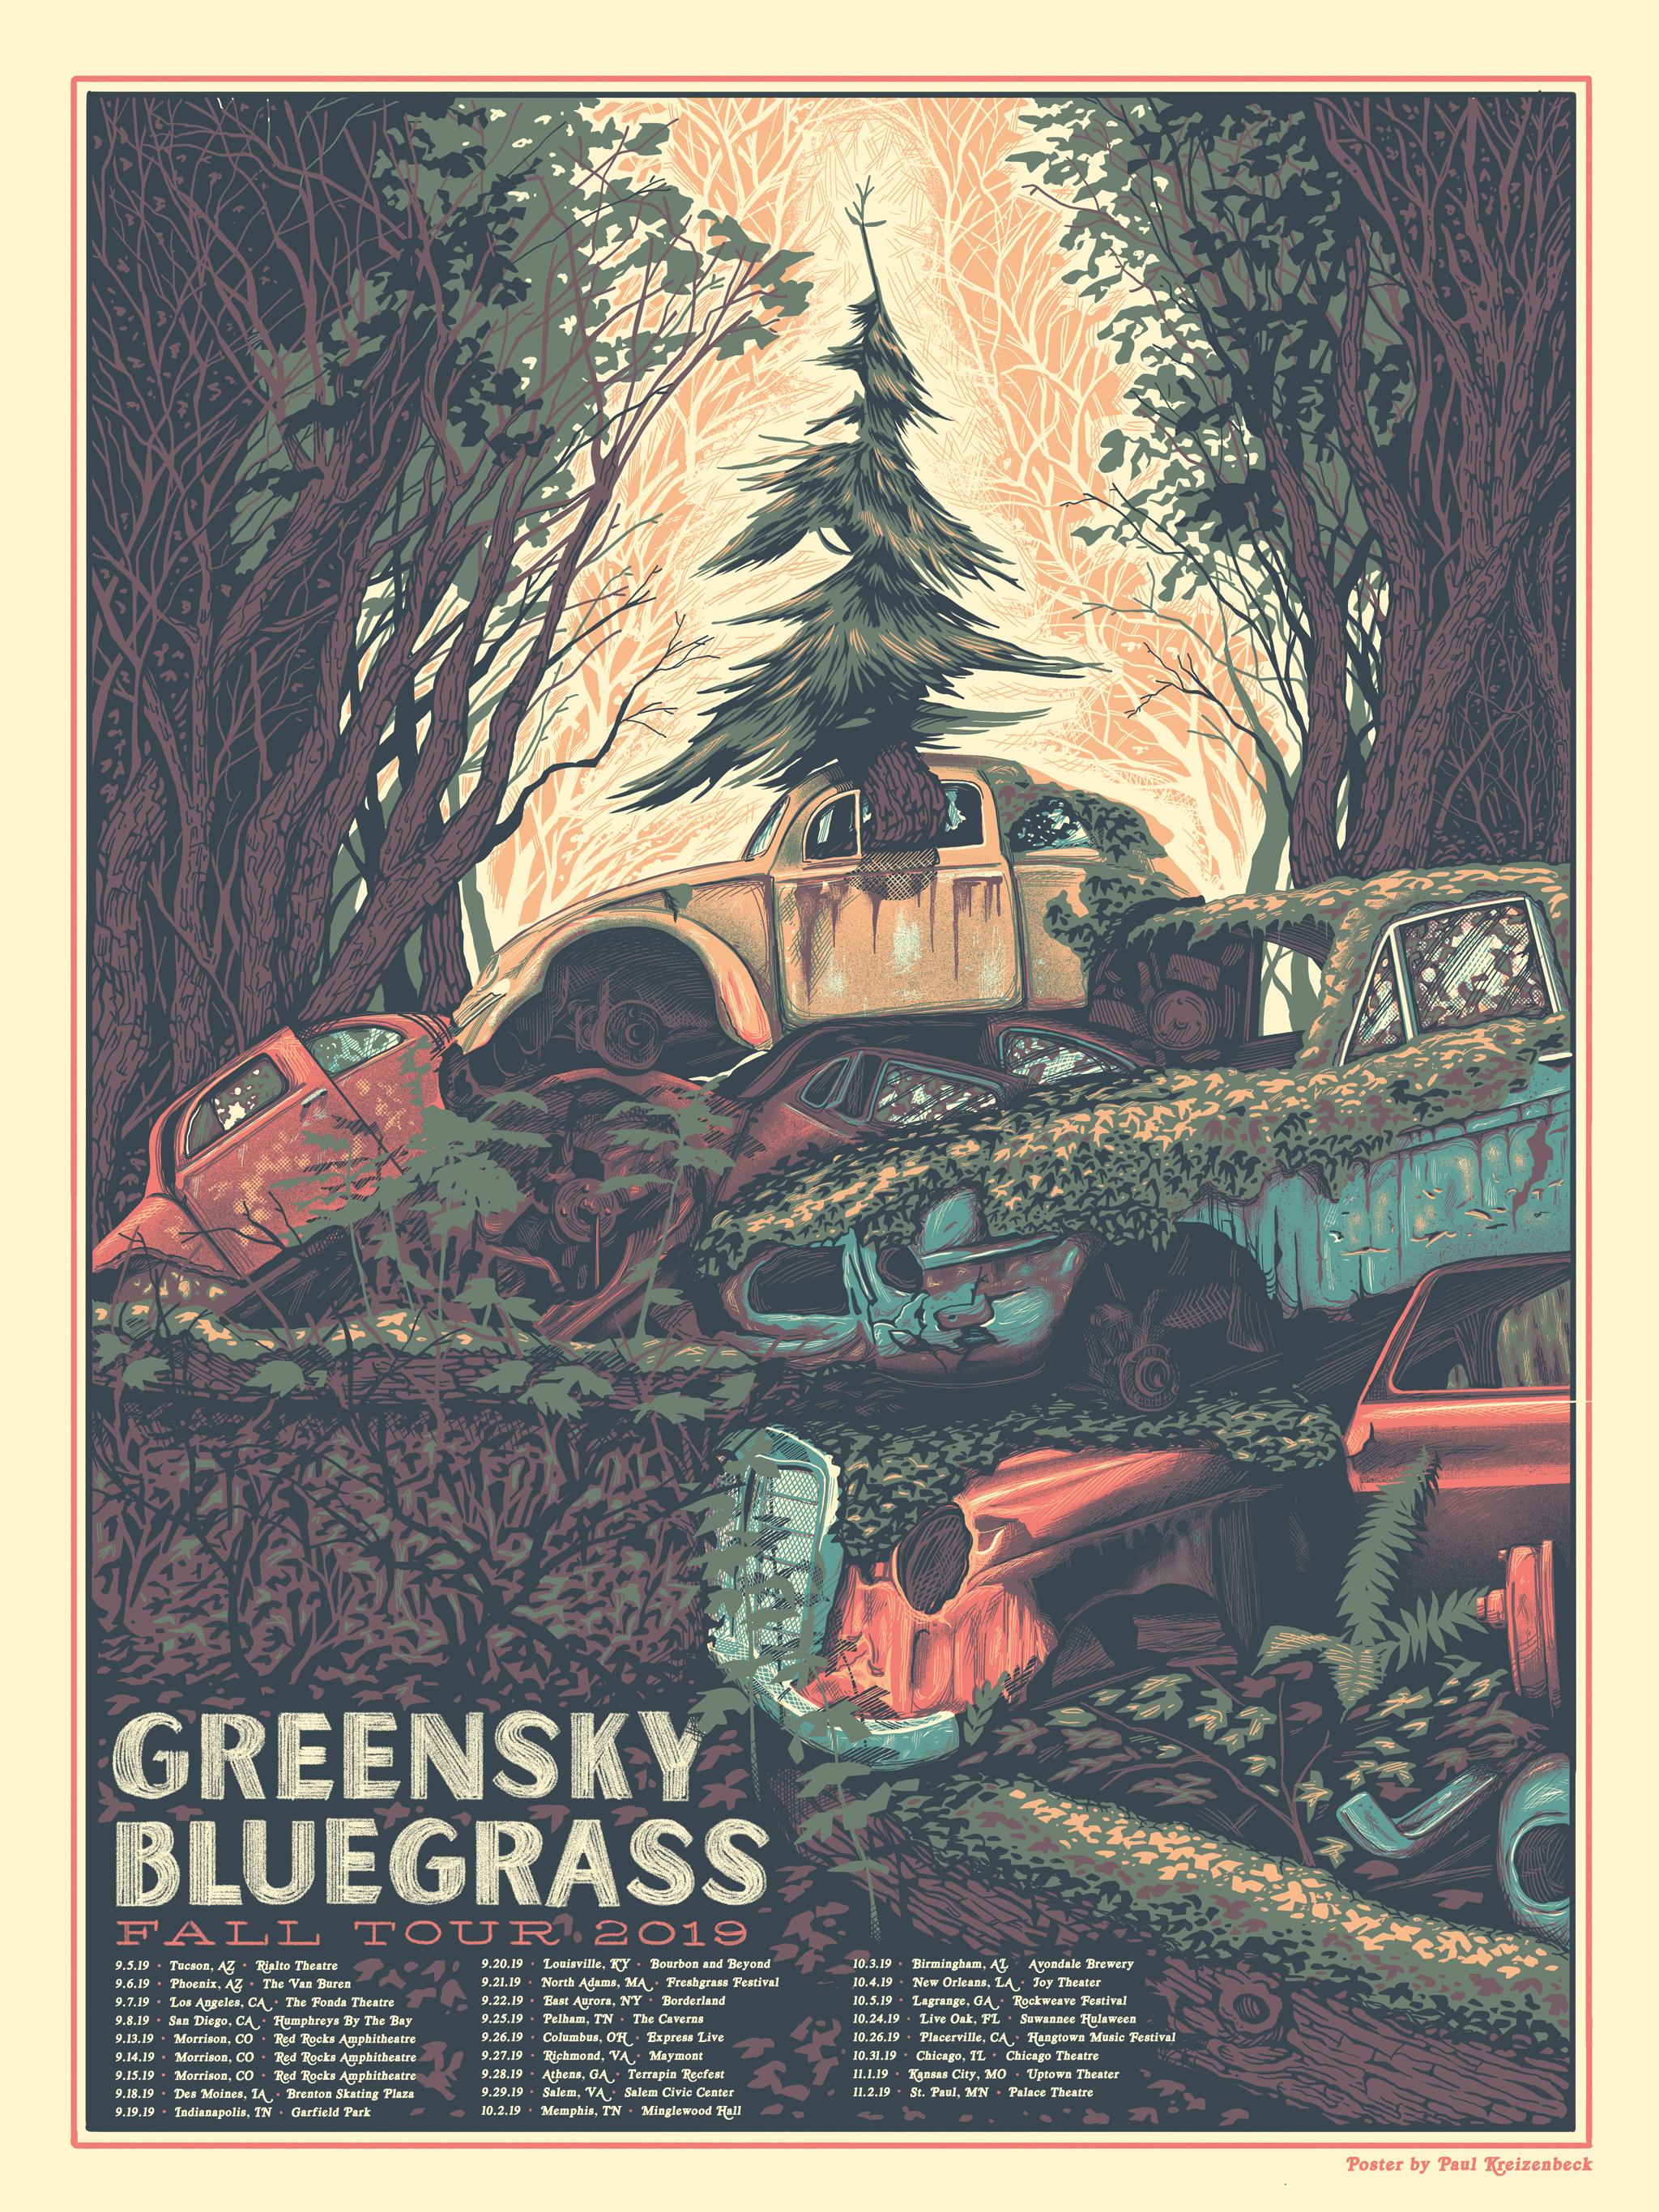 Greensky Bluegrass Paul Kreizenbeck Design And Illustration